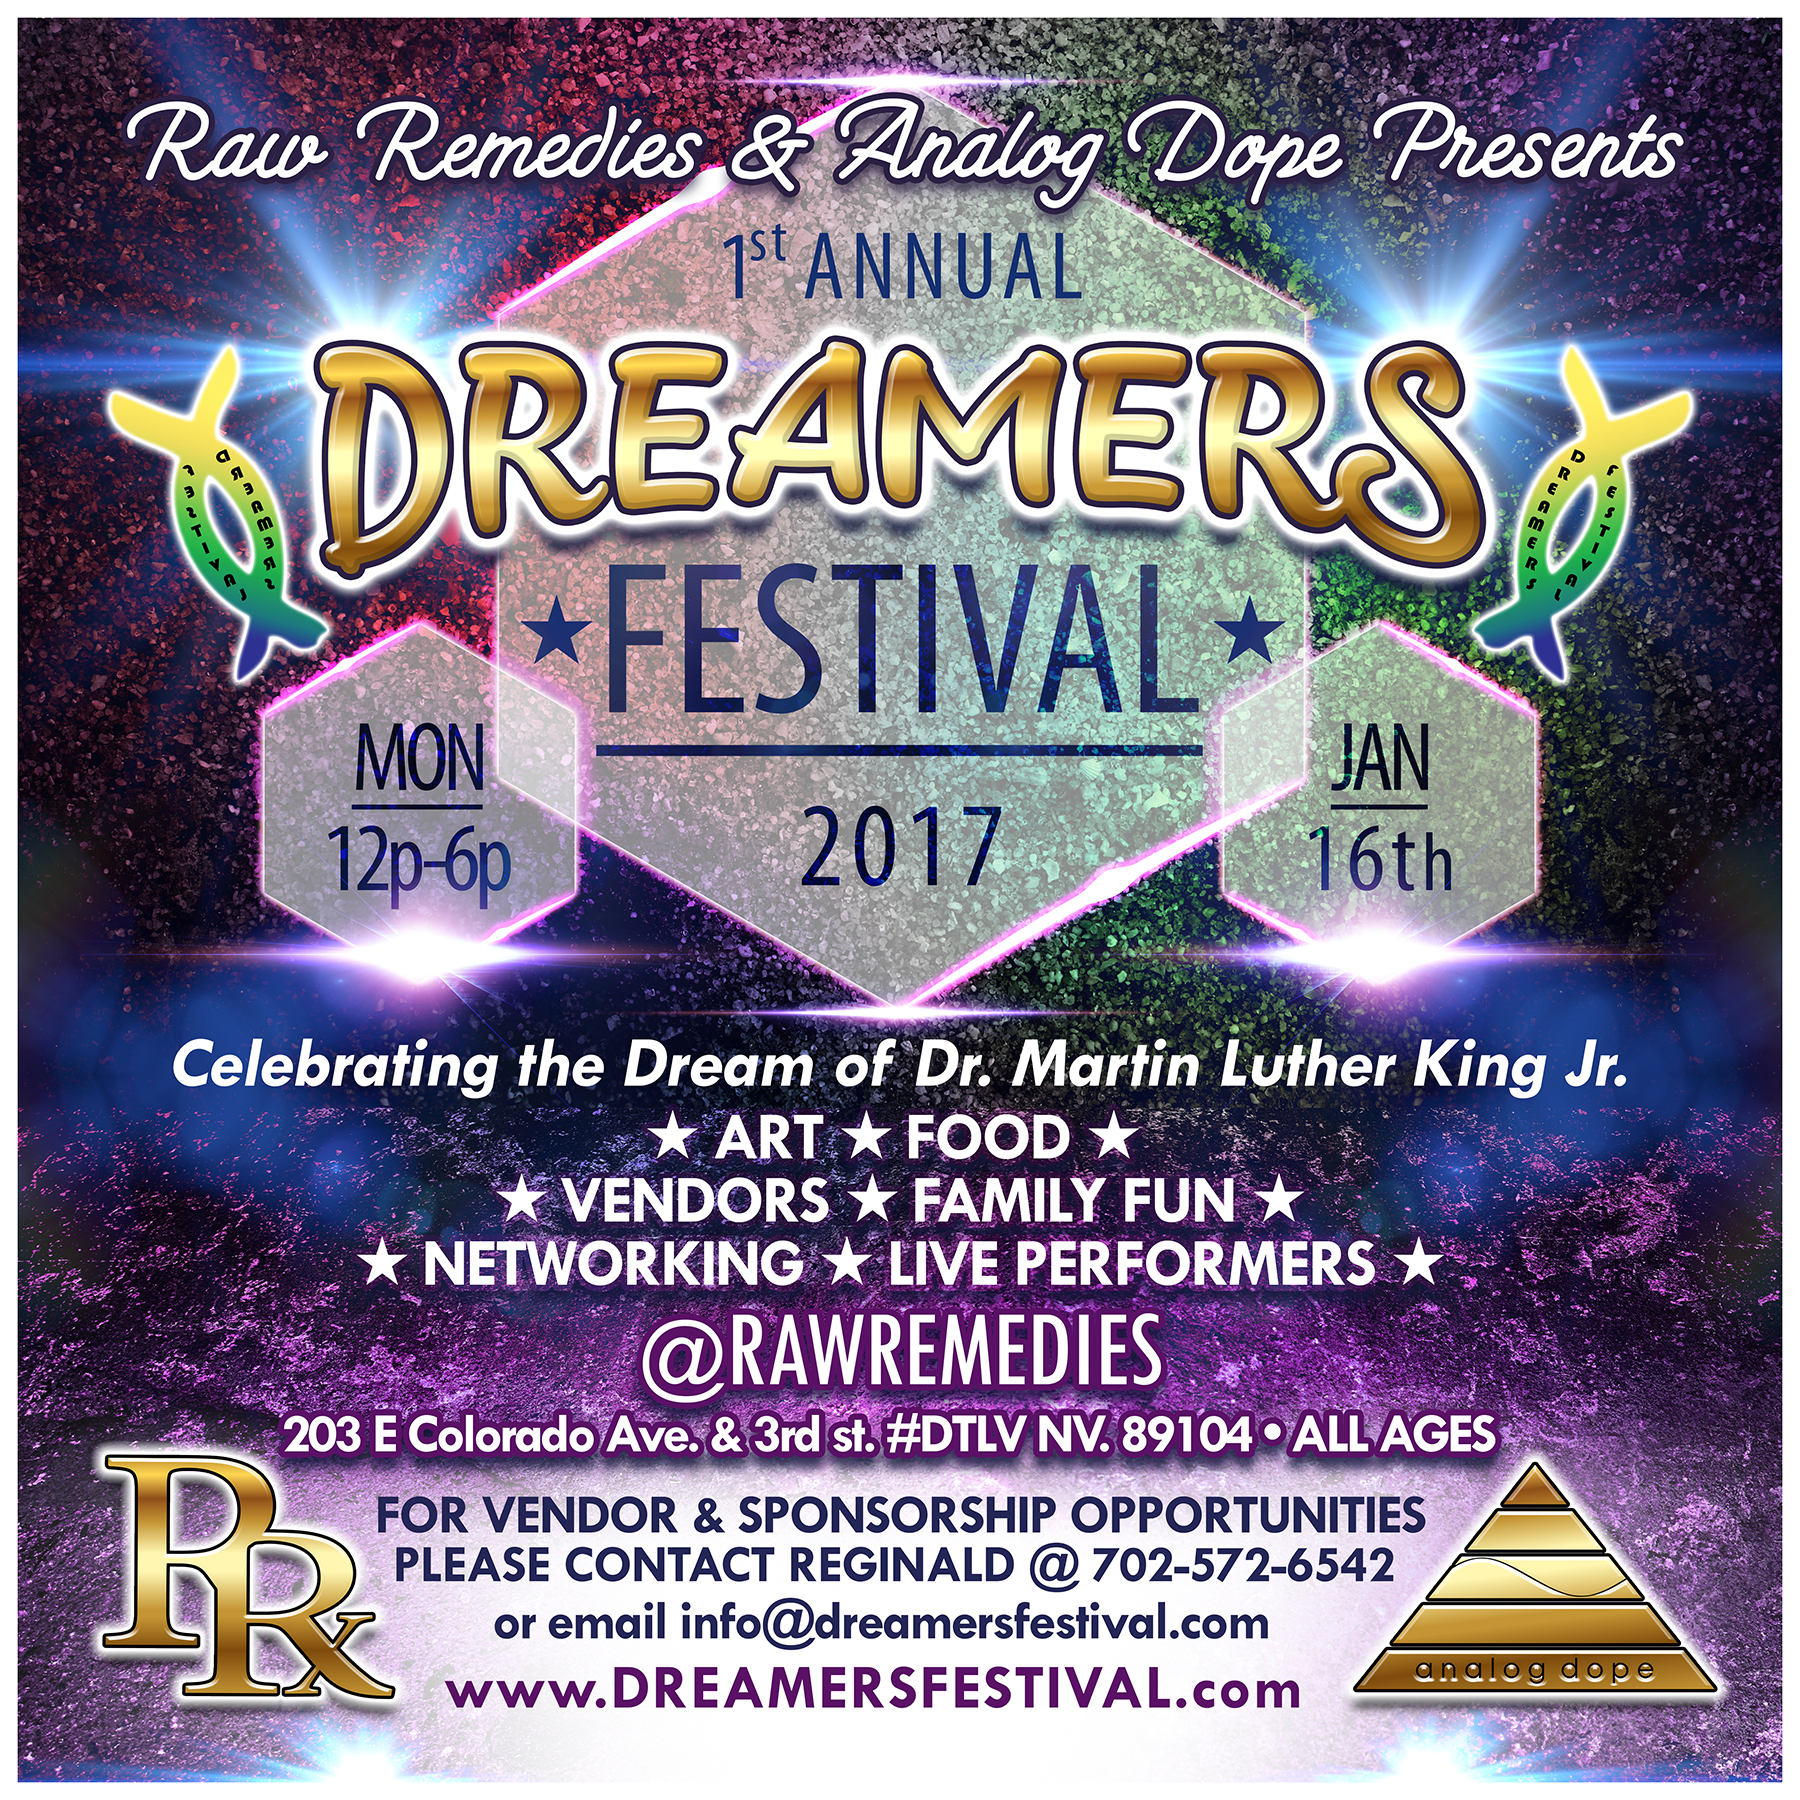 DREAMERS FEST 2017 ONLINE.jpg